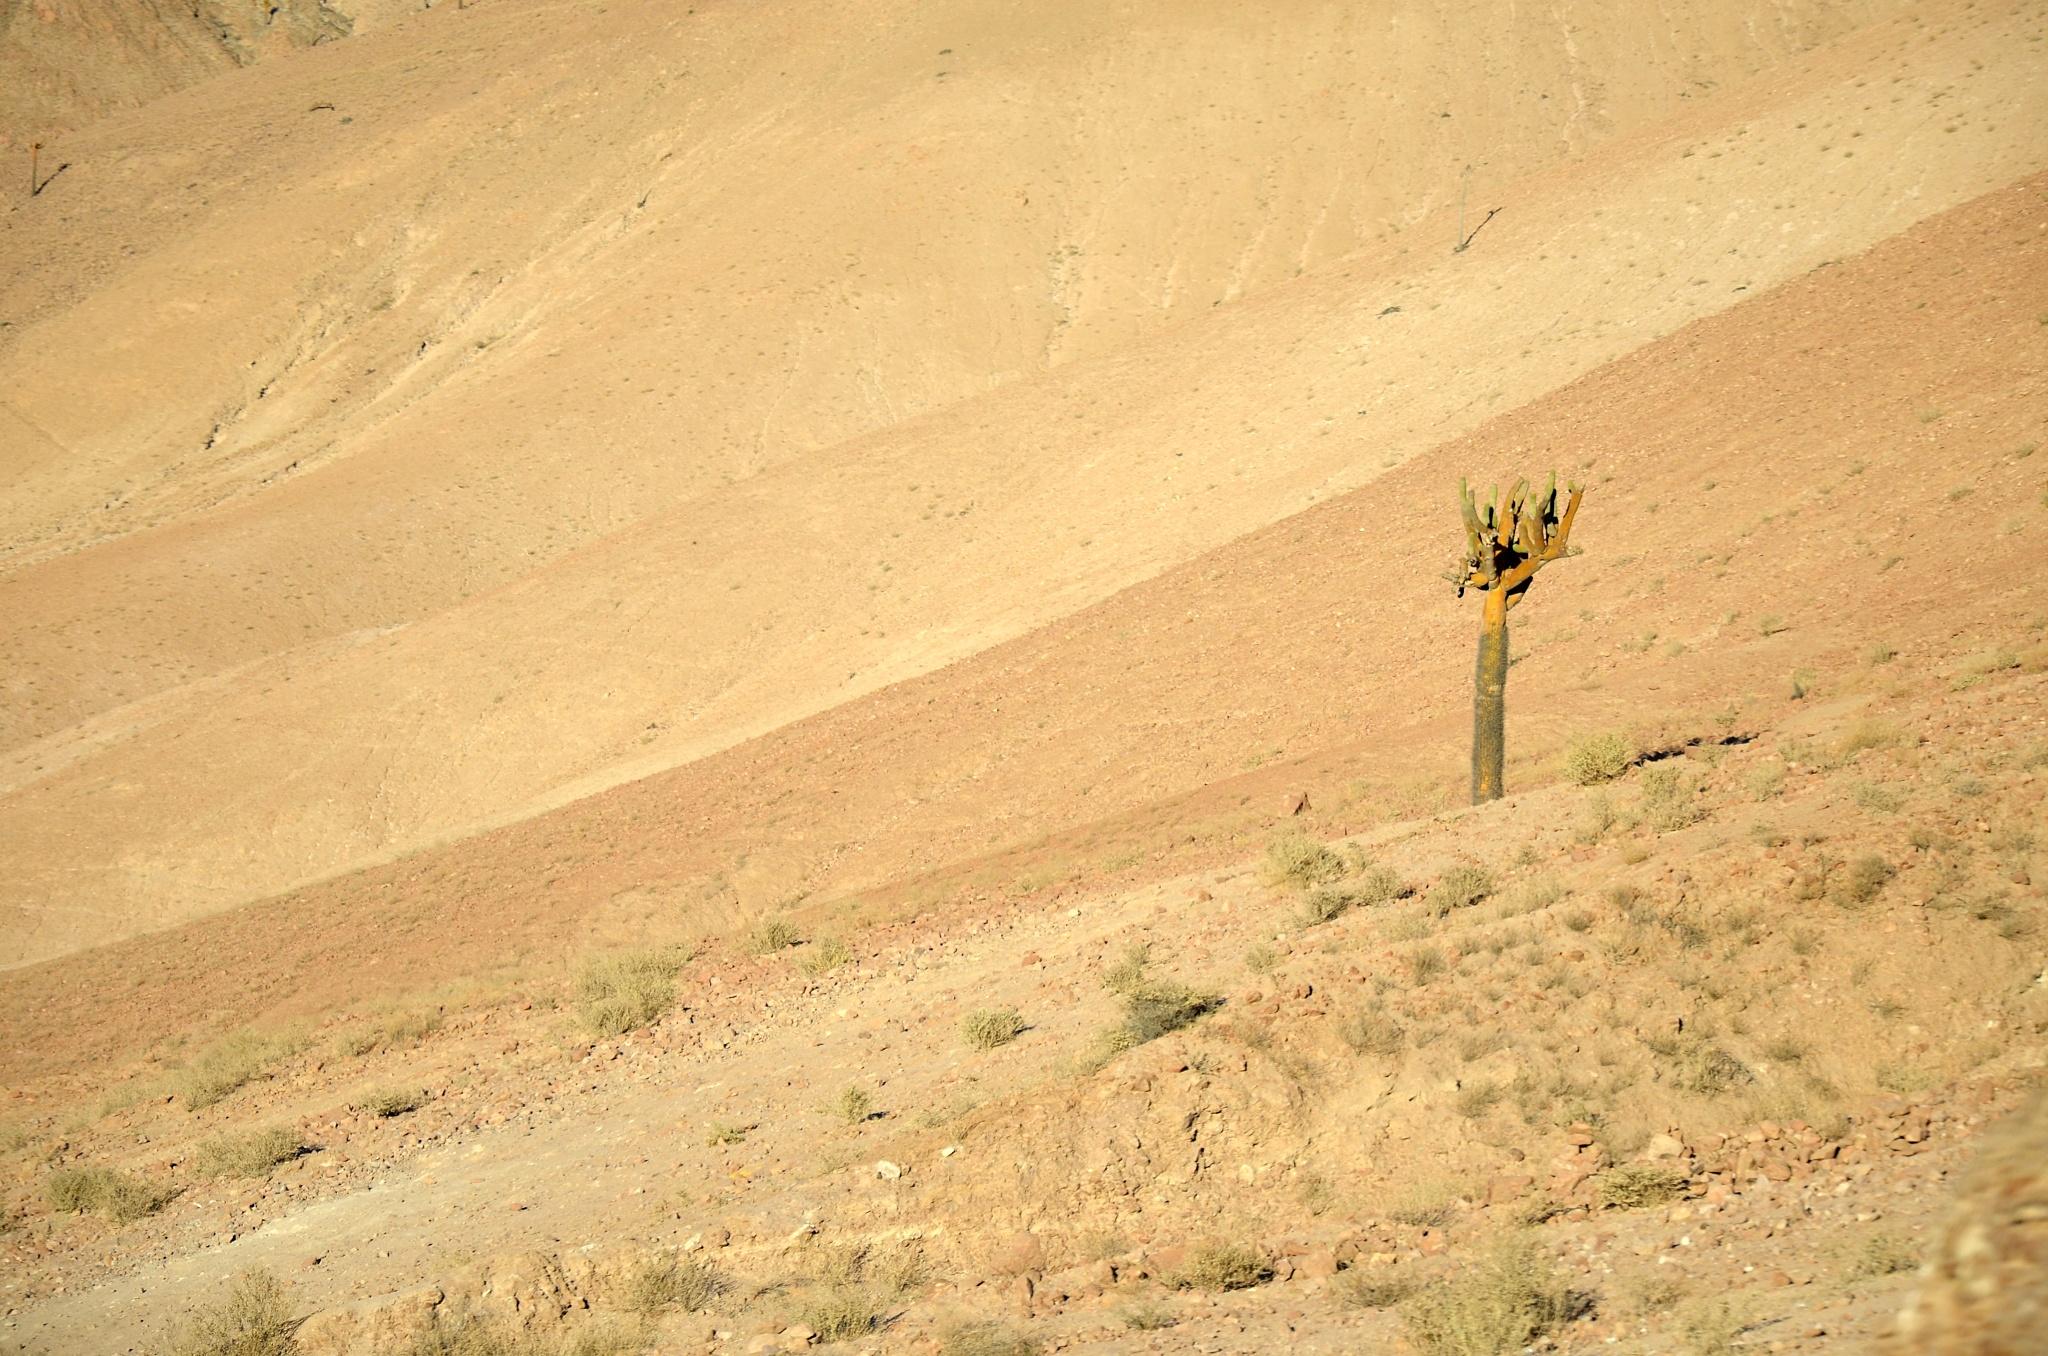 Kaktusy, jedny z mála rostlin v poušti